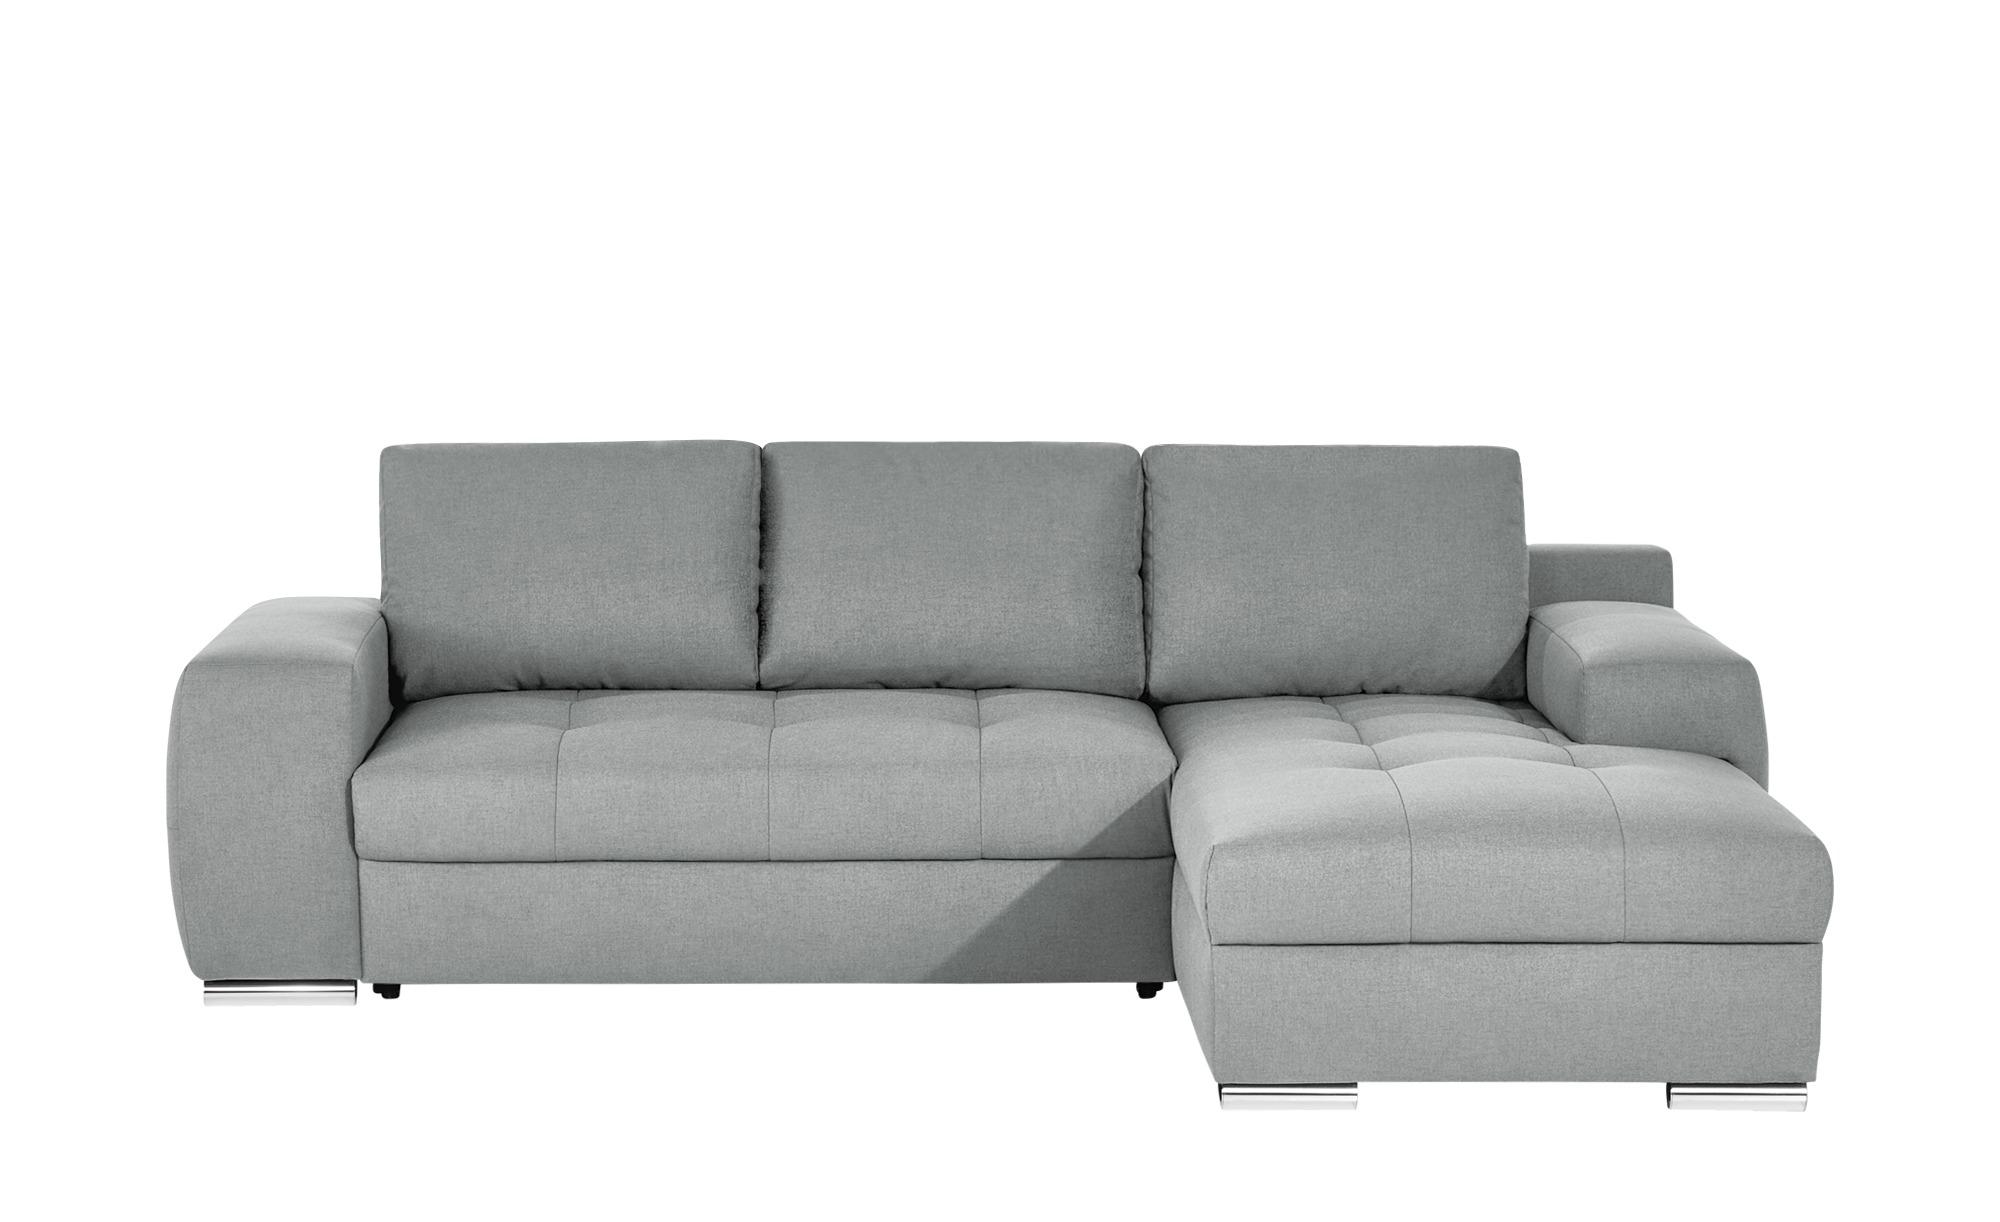 bobb ecksofa mit schlaffunktion fraja breite 270 cm h he 90 cm silber online kaufen bei woonio. Black Bedroom Furniture Sets. Home Design Ideas